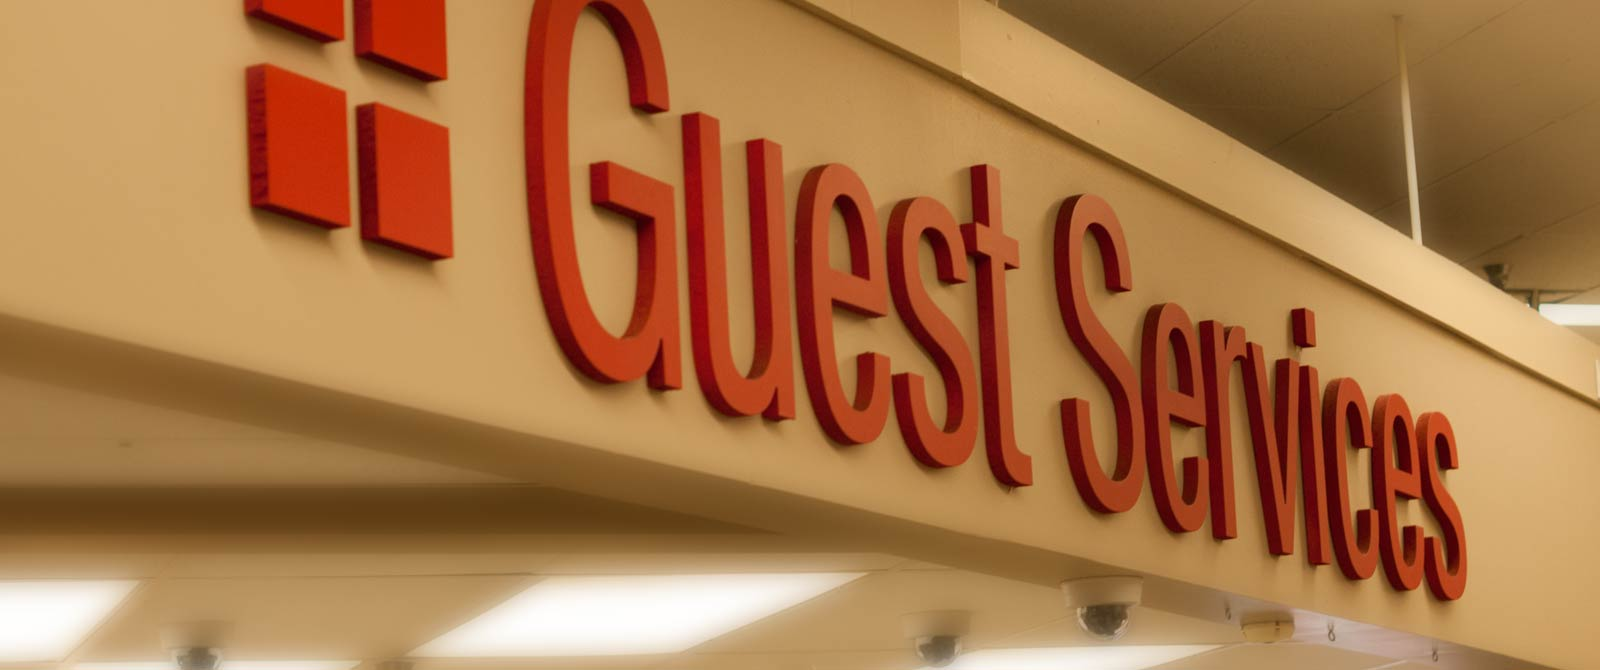 Cash Wise Guest Services